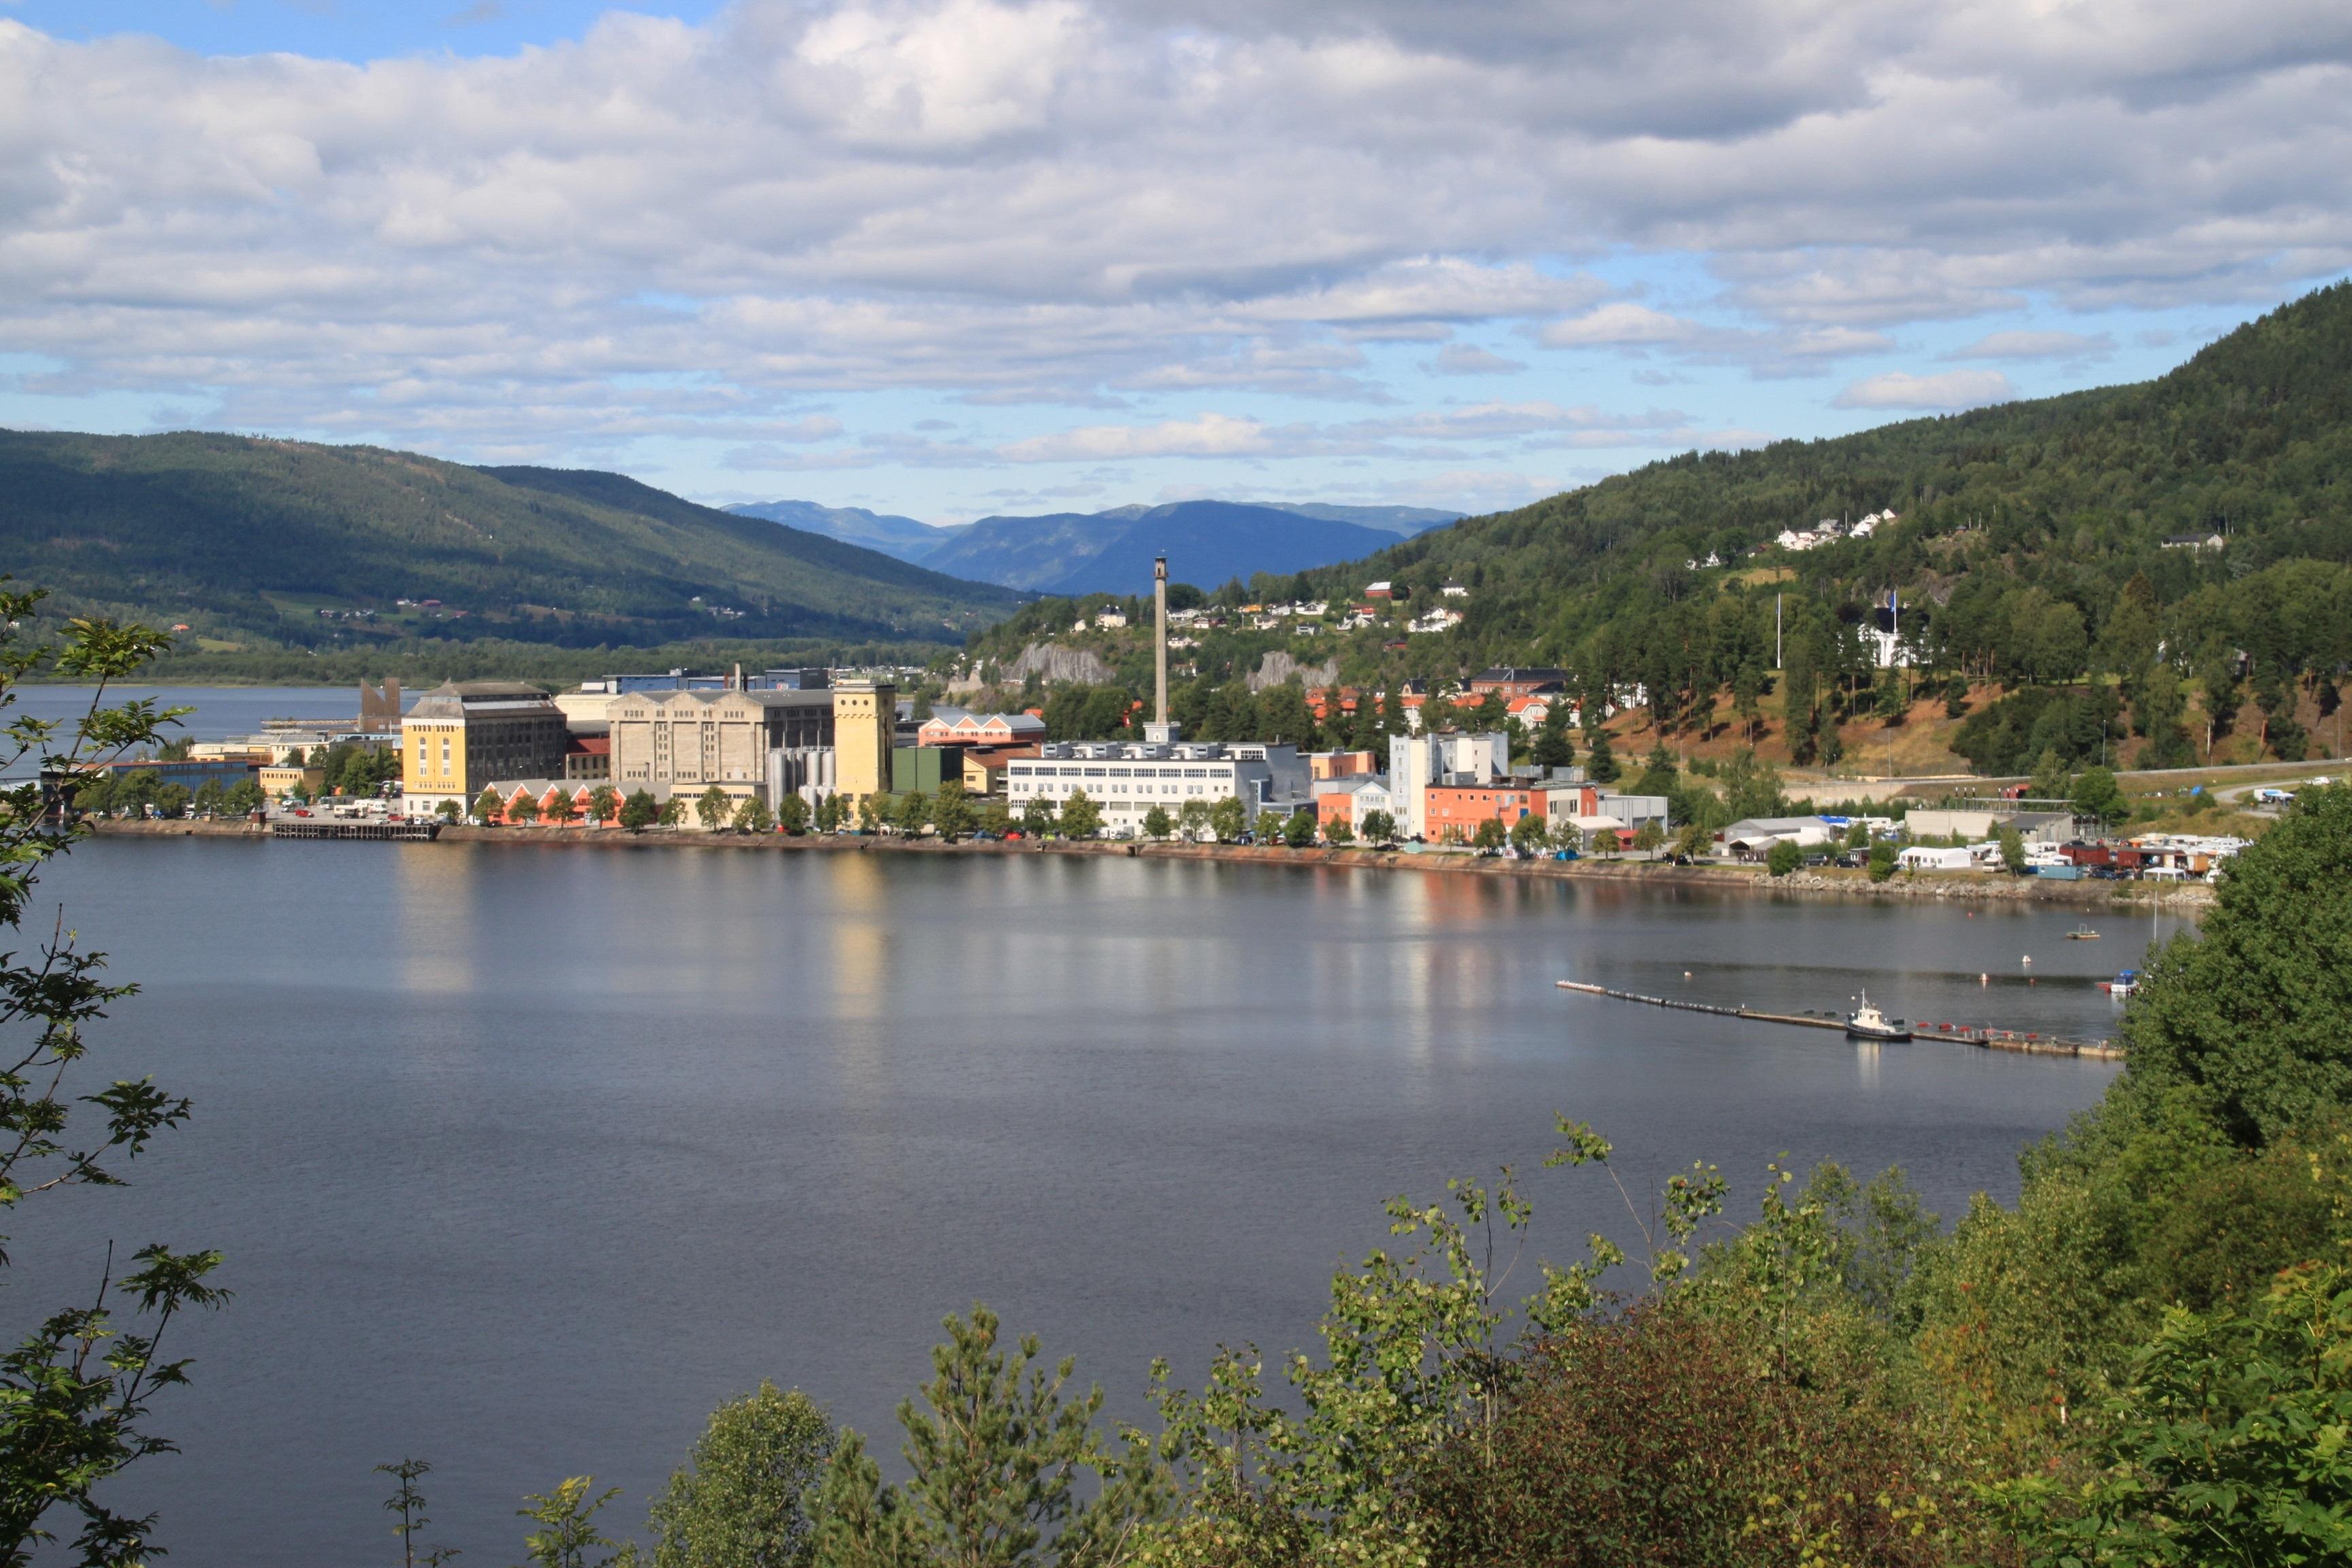 Rallerene kom til Notodden tidlig på 1900 tallet. Nå er byen kjent som Europas blues hovedkvarter Foto: B.O Holmberg